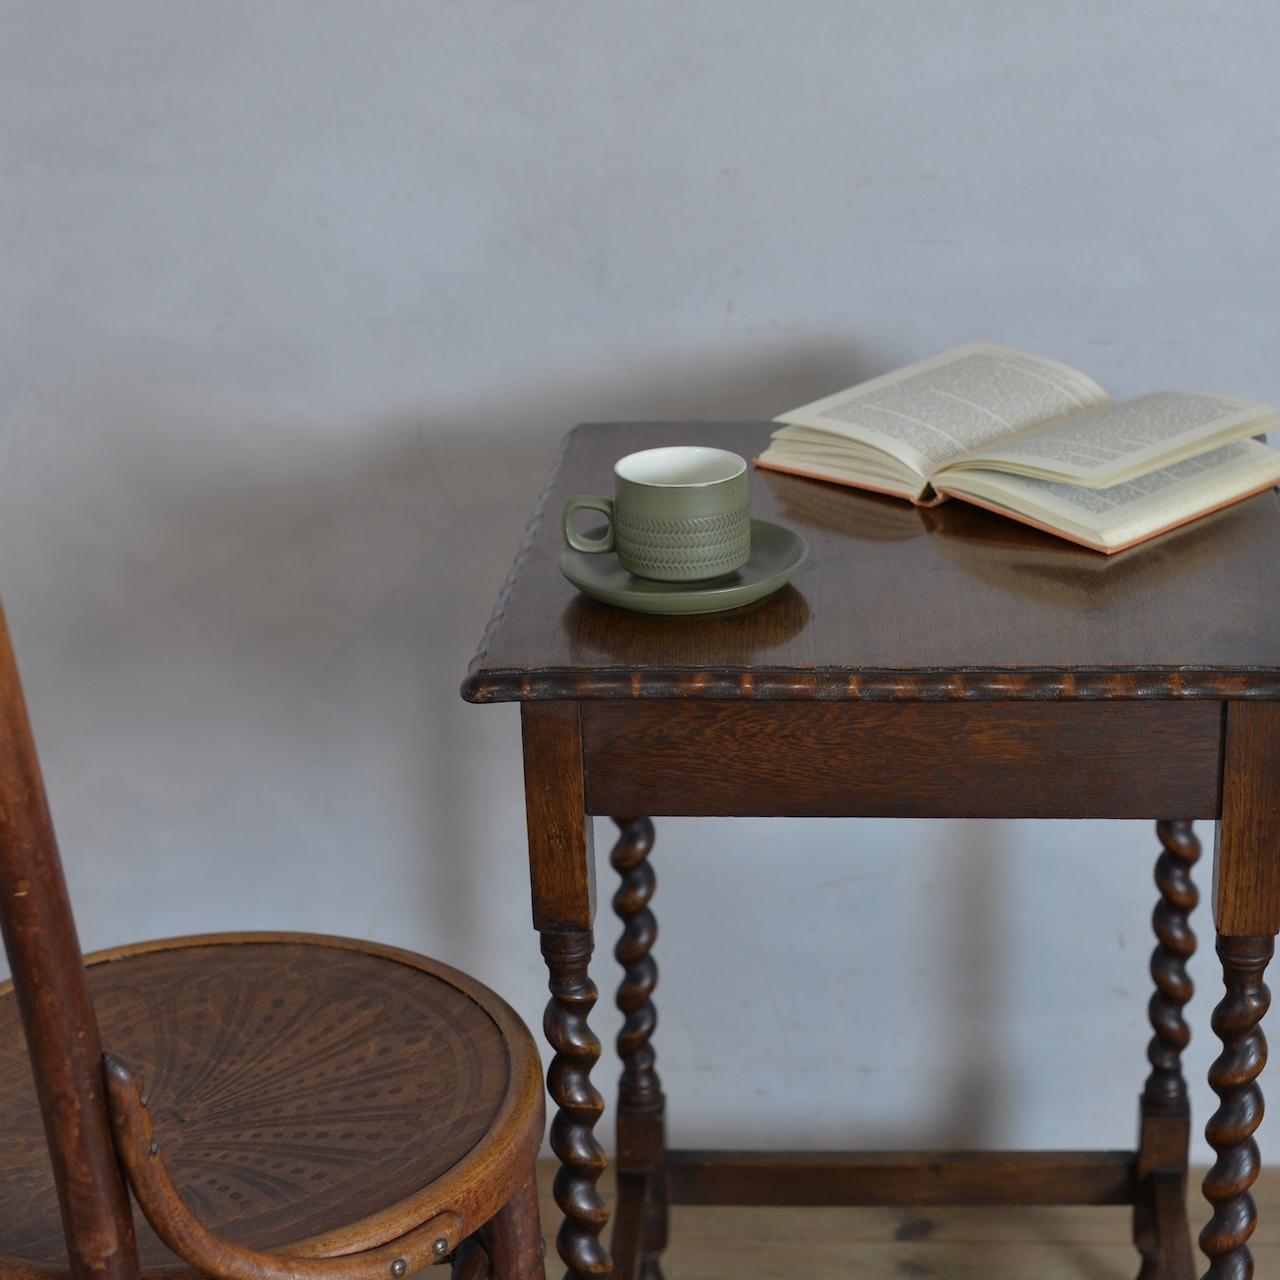 Occasional Table / オケージョナル テーブル 〈サイドテーブル・花台・ティーテーブル・カフェ テーブル〉